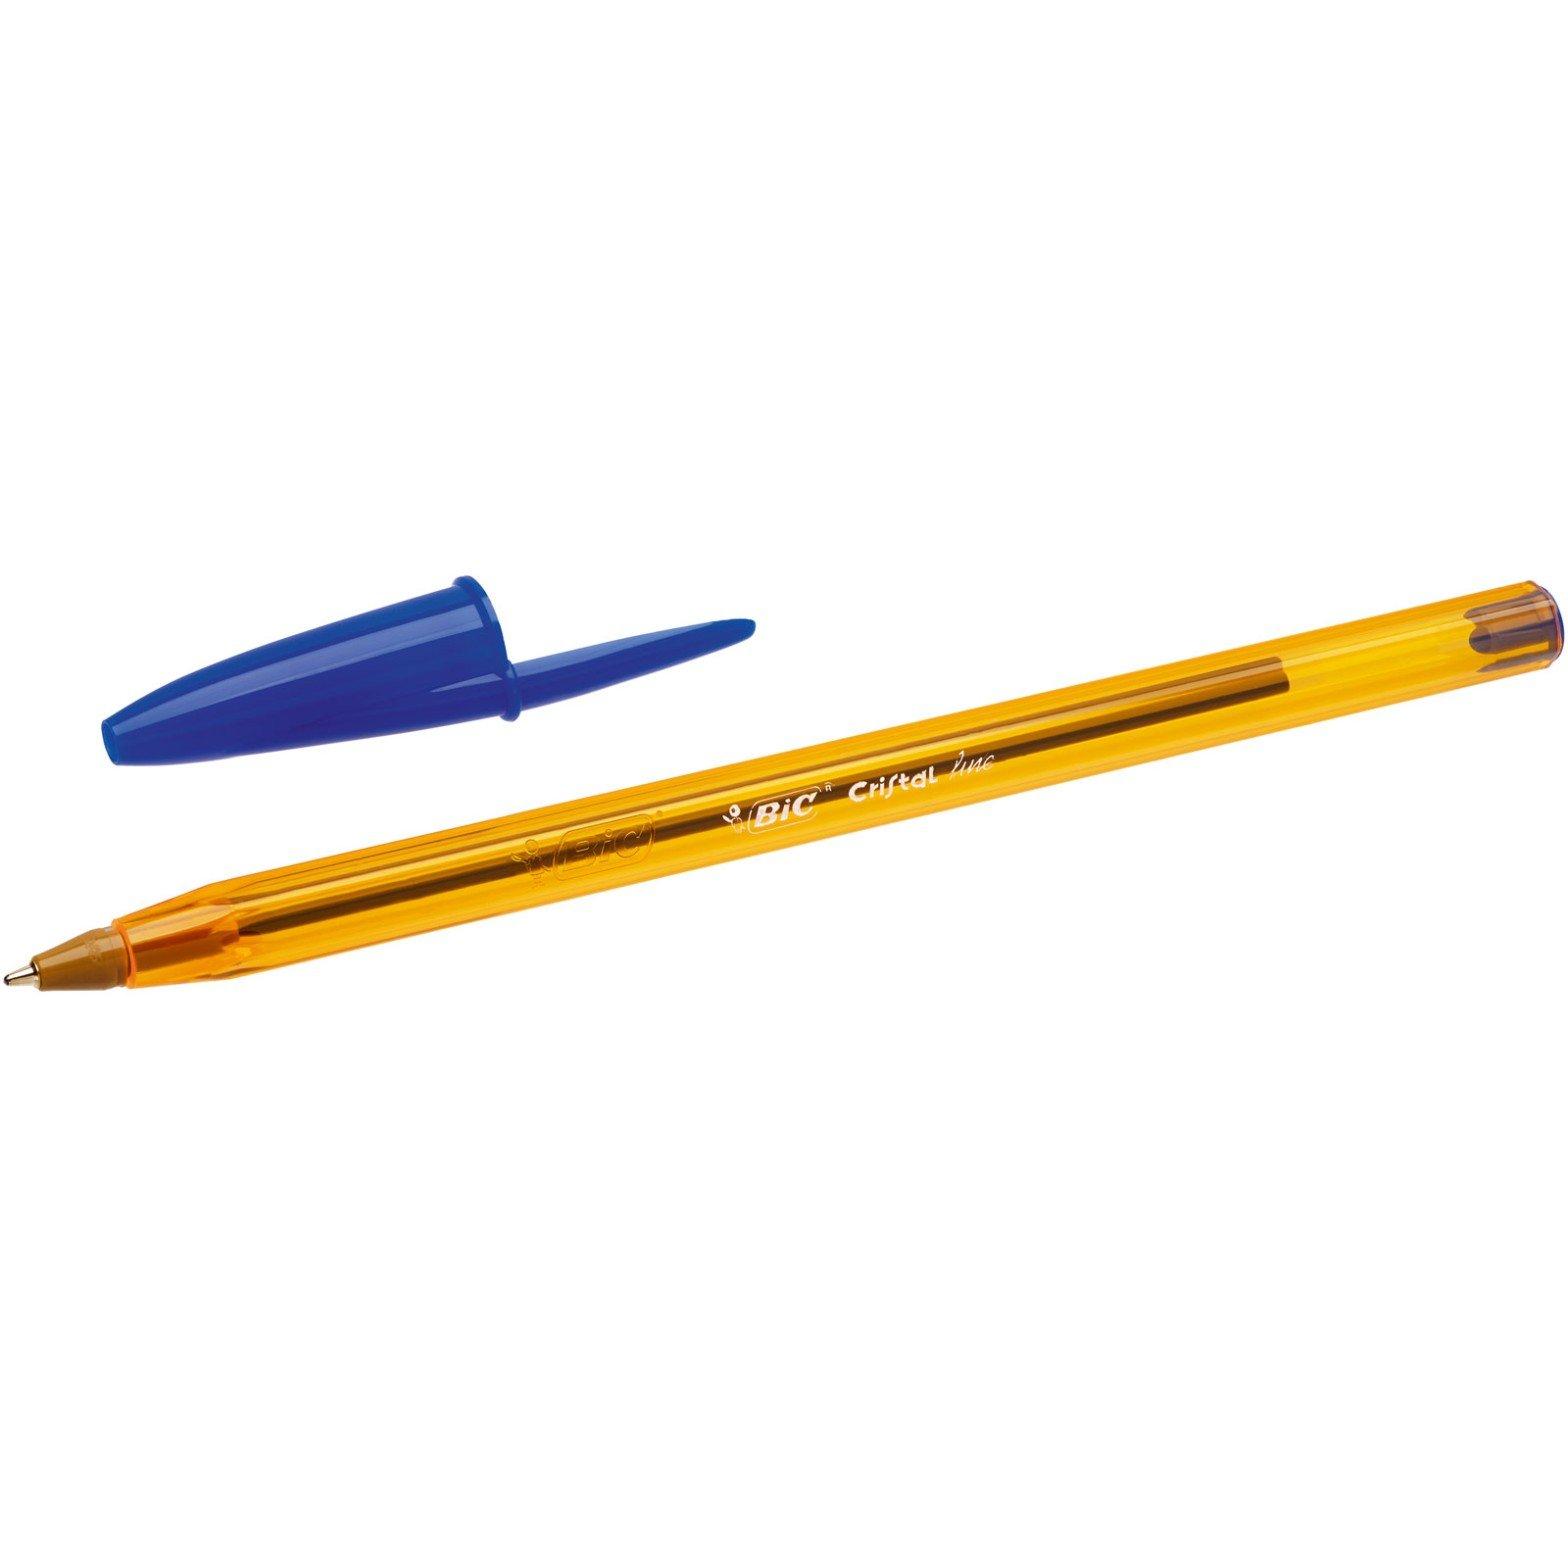 BIC Cristal Original Fine - Bolígrafos punta fina (0.8 mm), Blíster de 15+5 unidades, Colores Surtidos: Amazon.es: Oficina y papelería